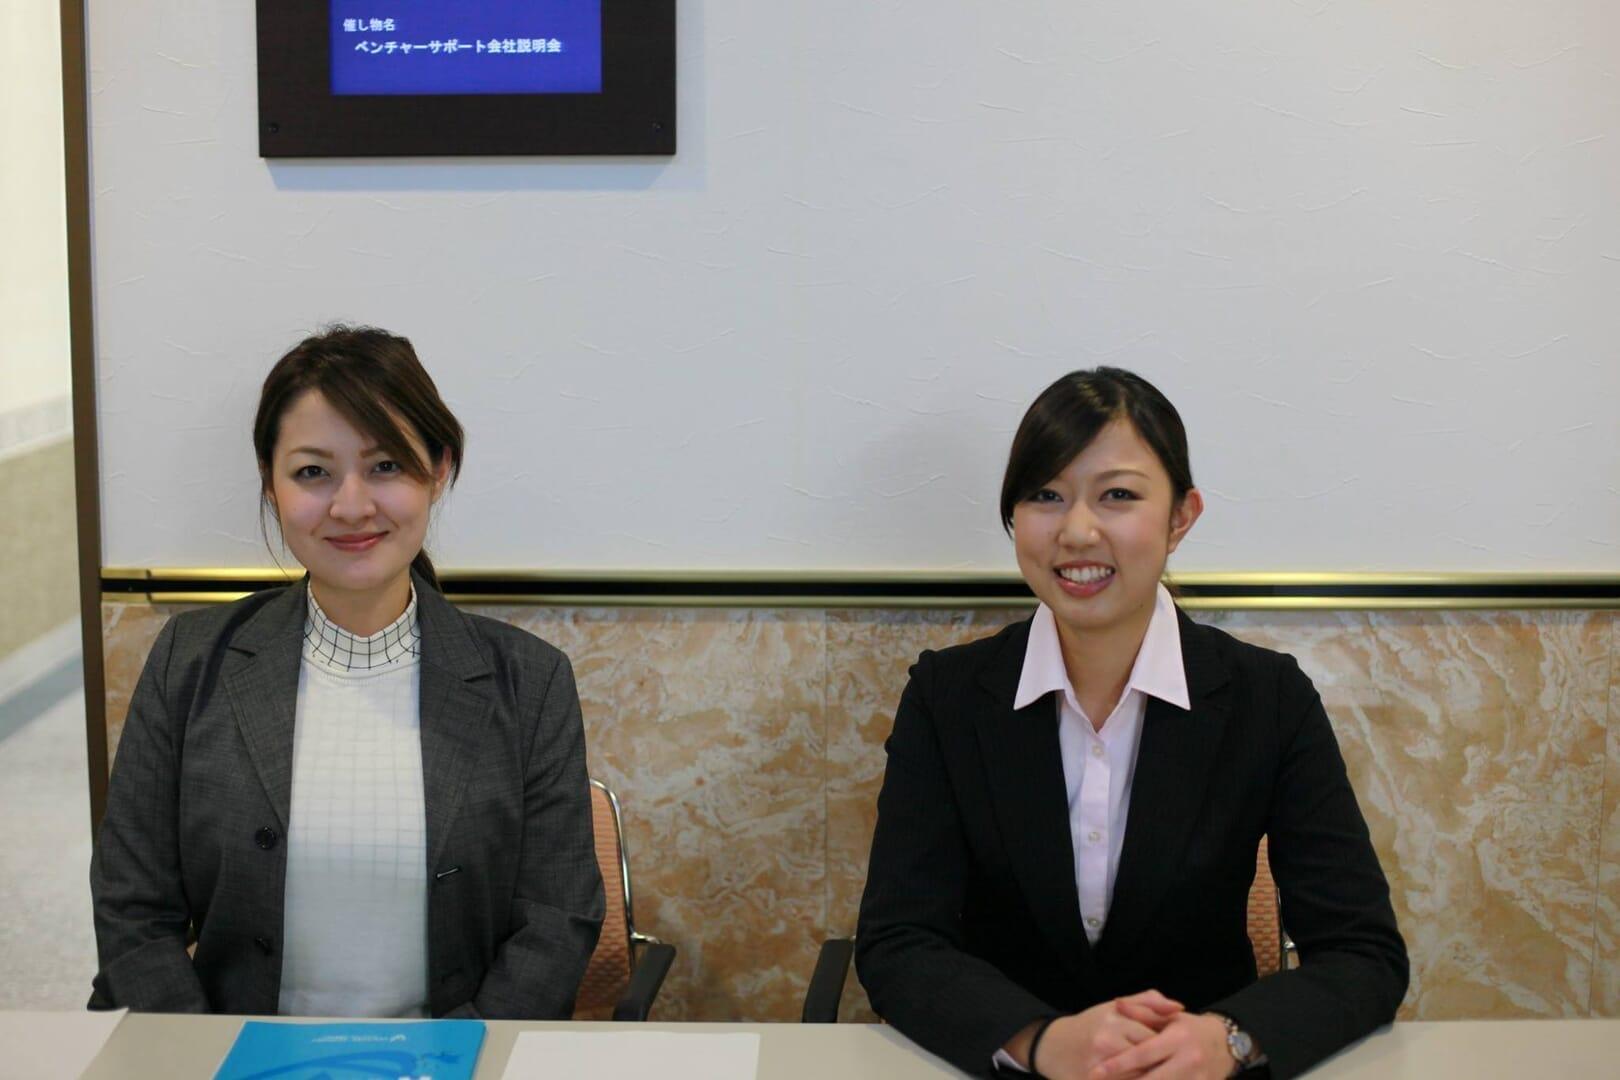 サポート 労務 保険 士 法人 ベンチャー 社会